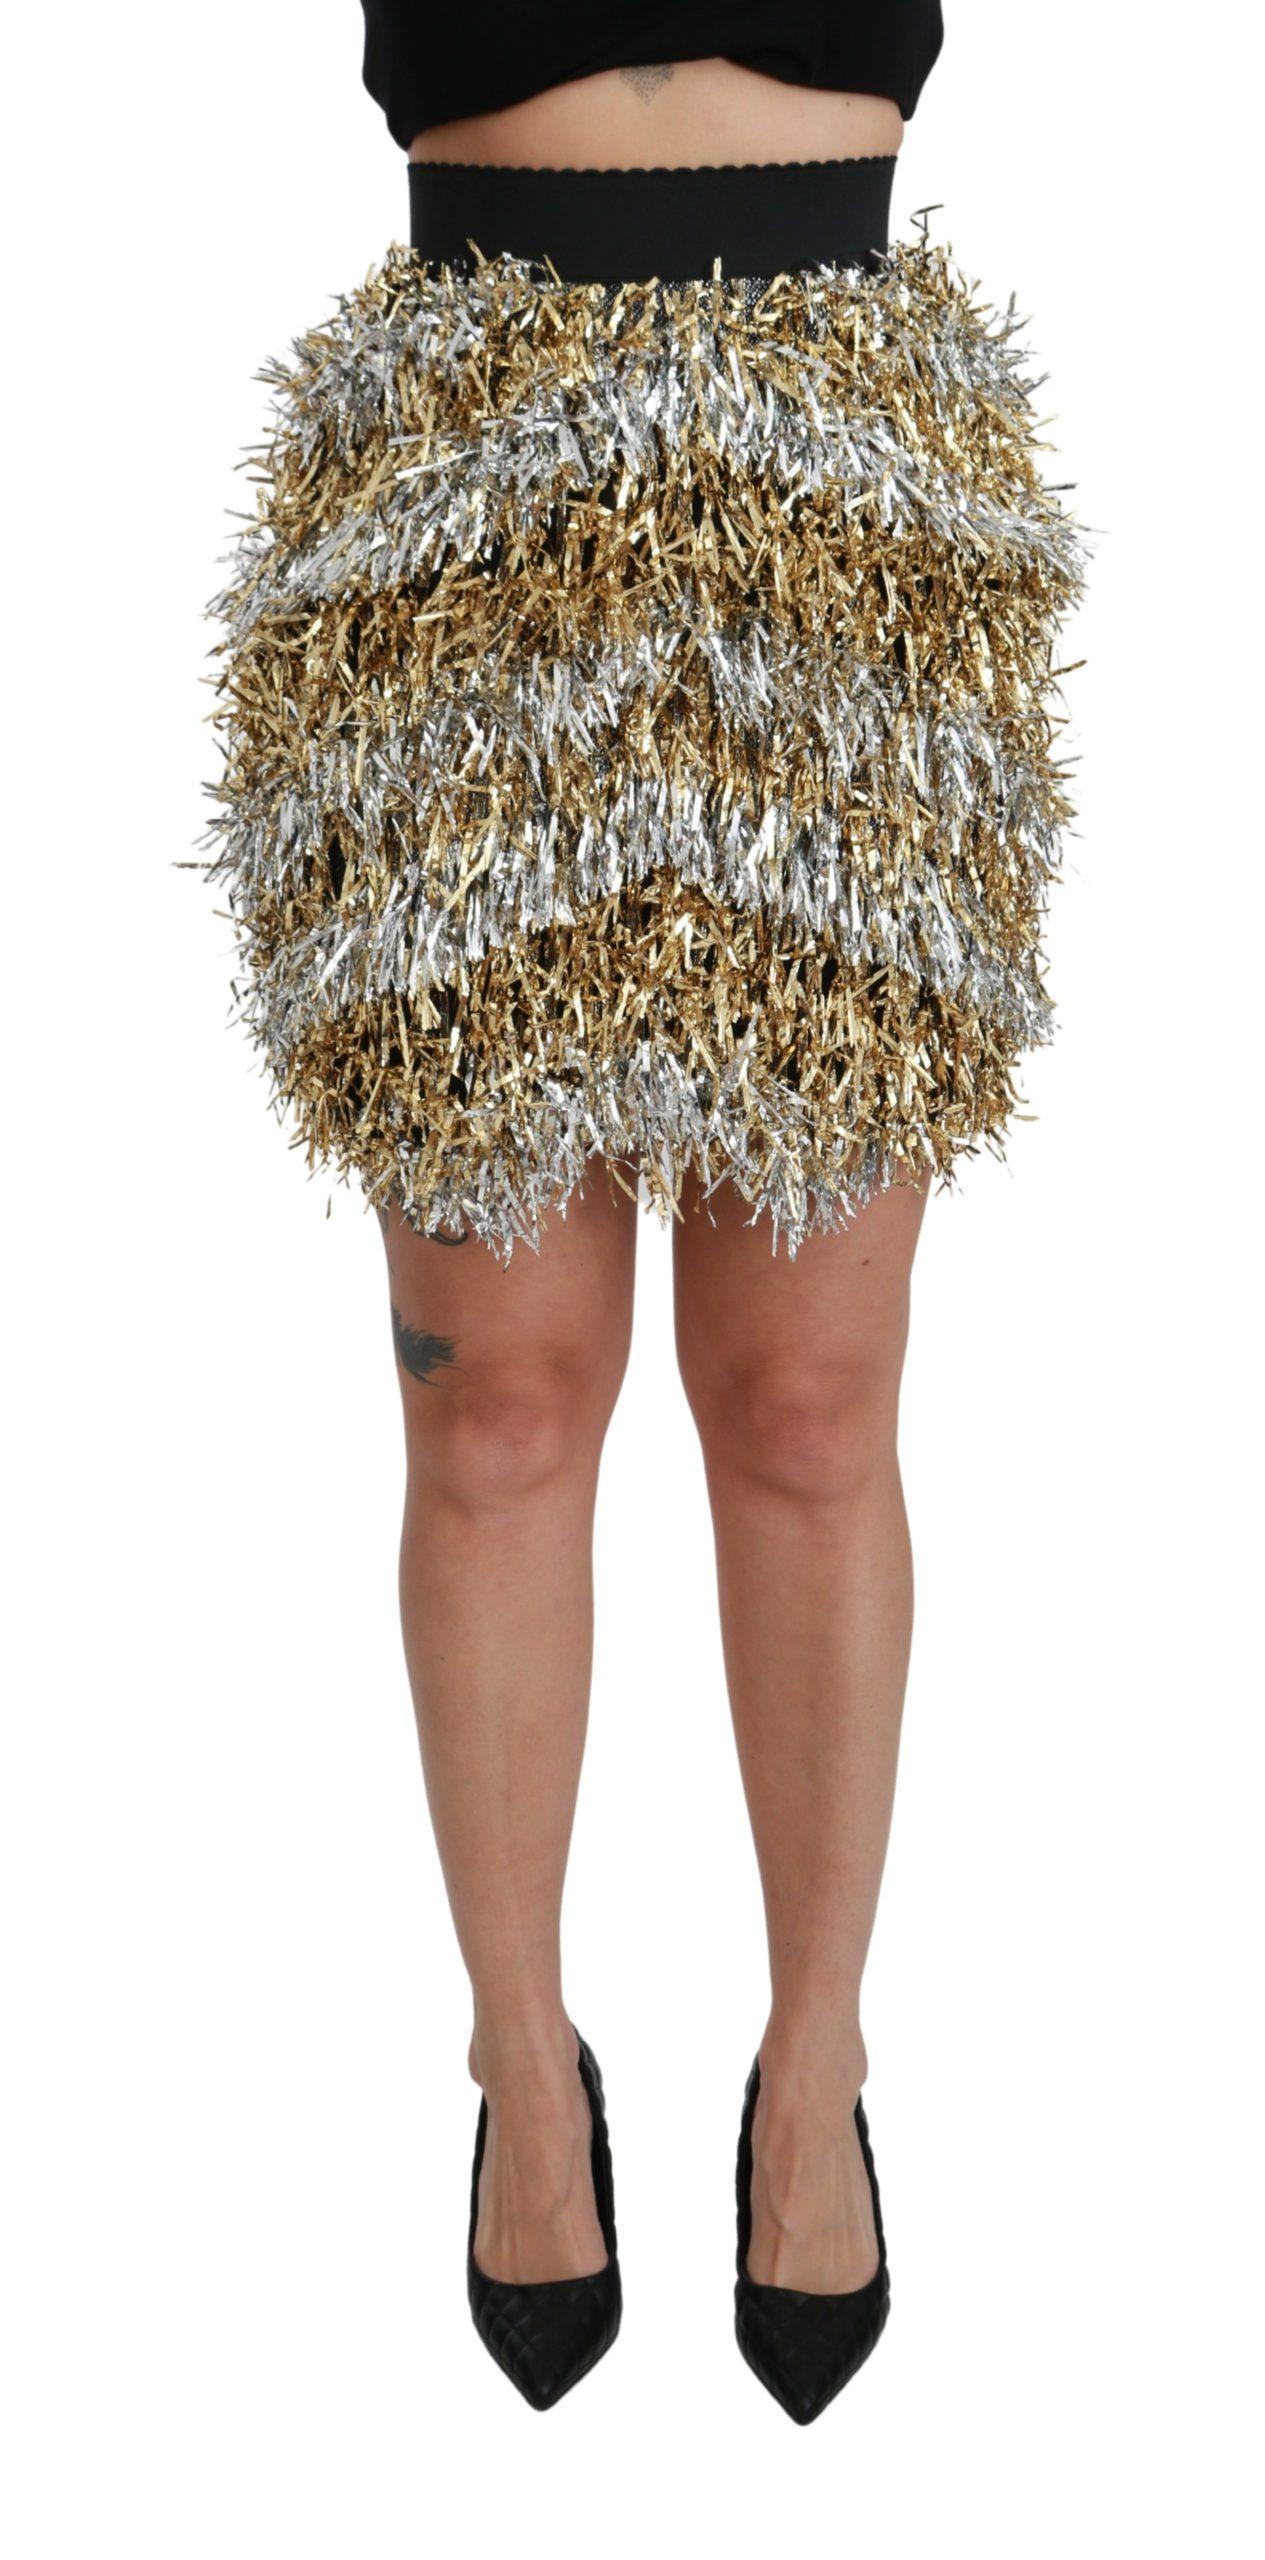 Dolce & Gabbana Women's High Waist Fringe Mini Skirt Multicolor SKI1424 - IT40 S